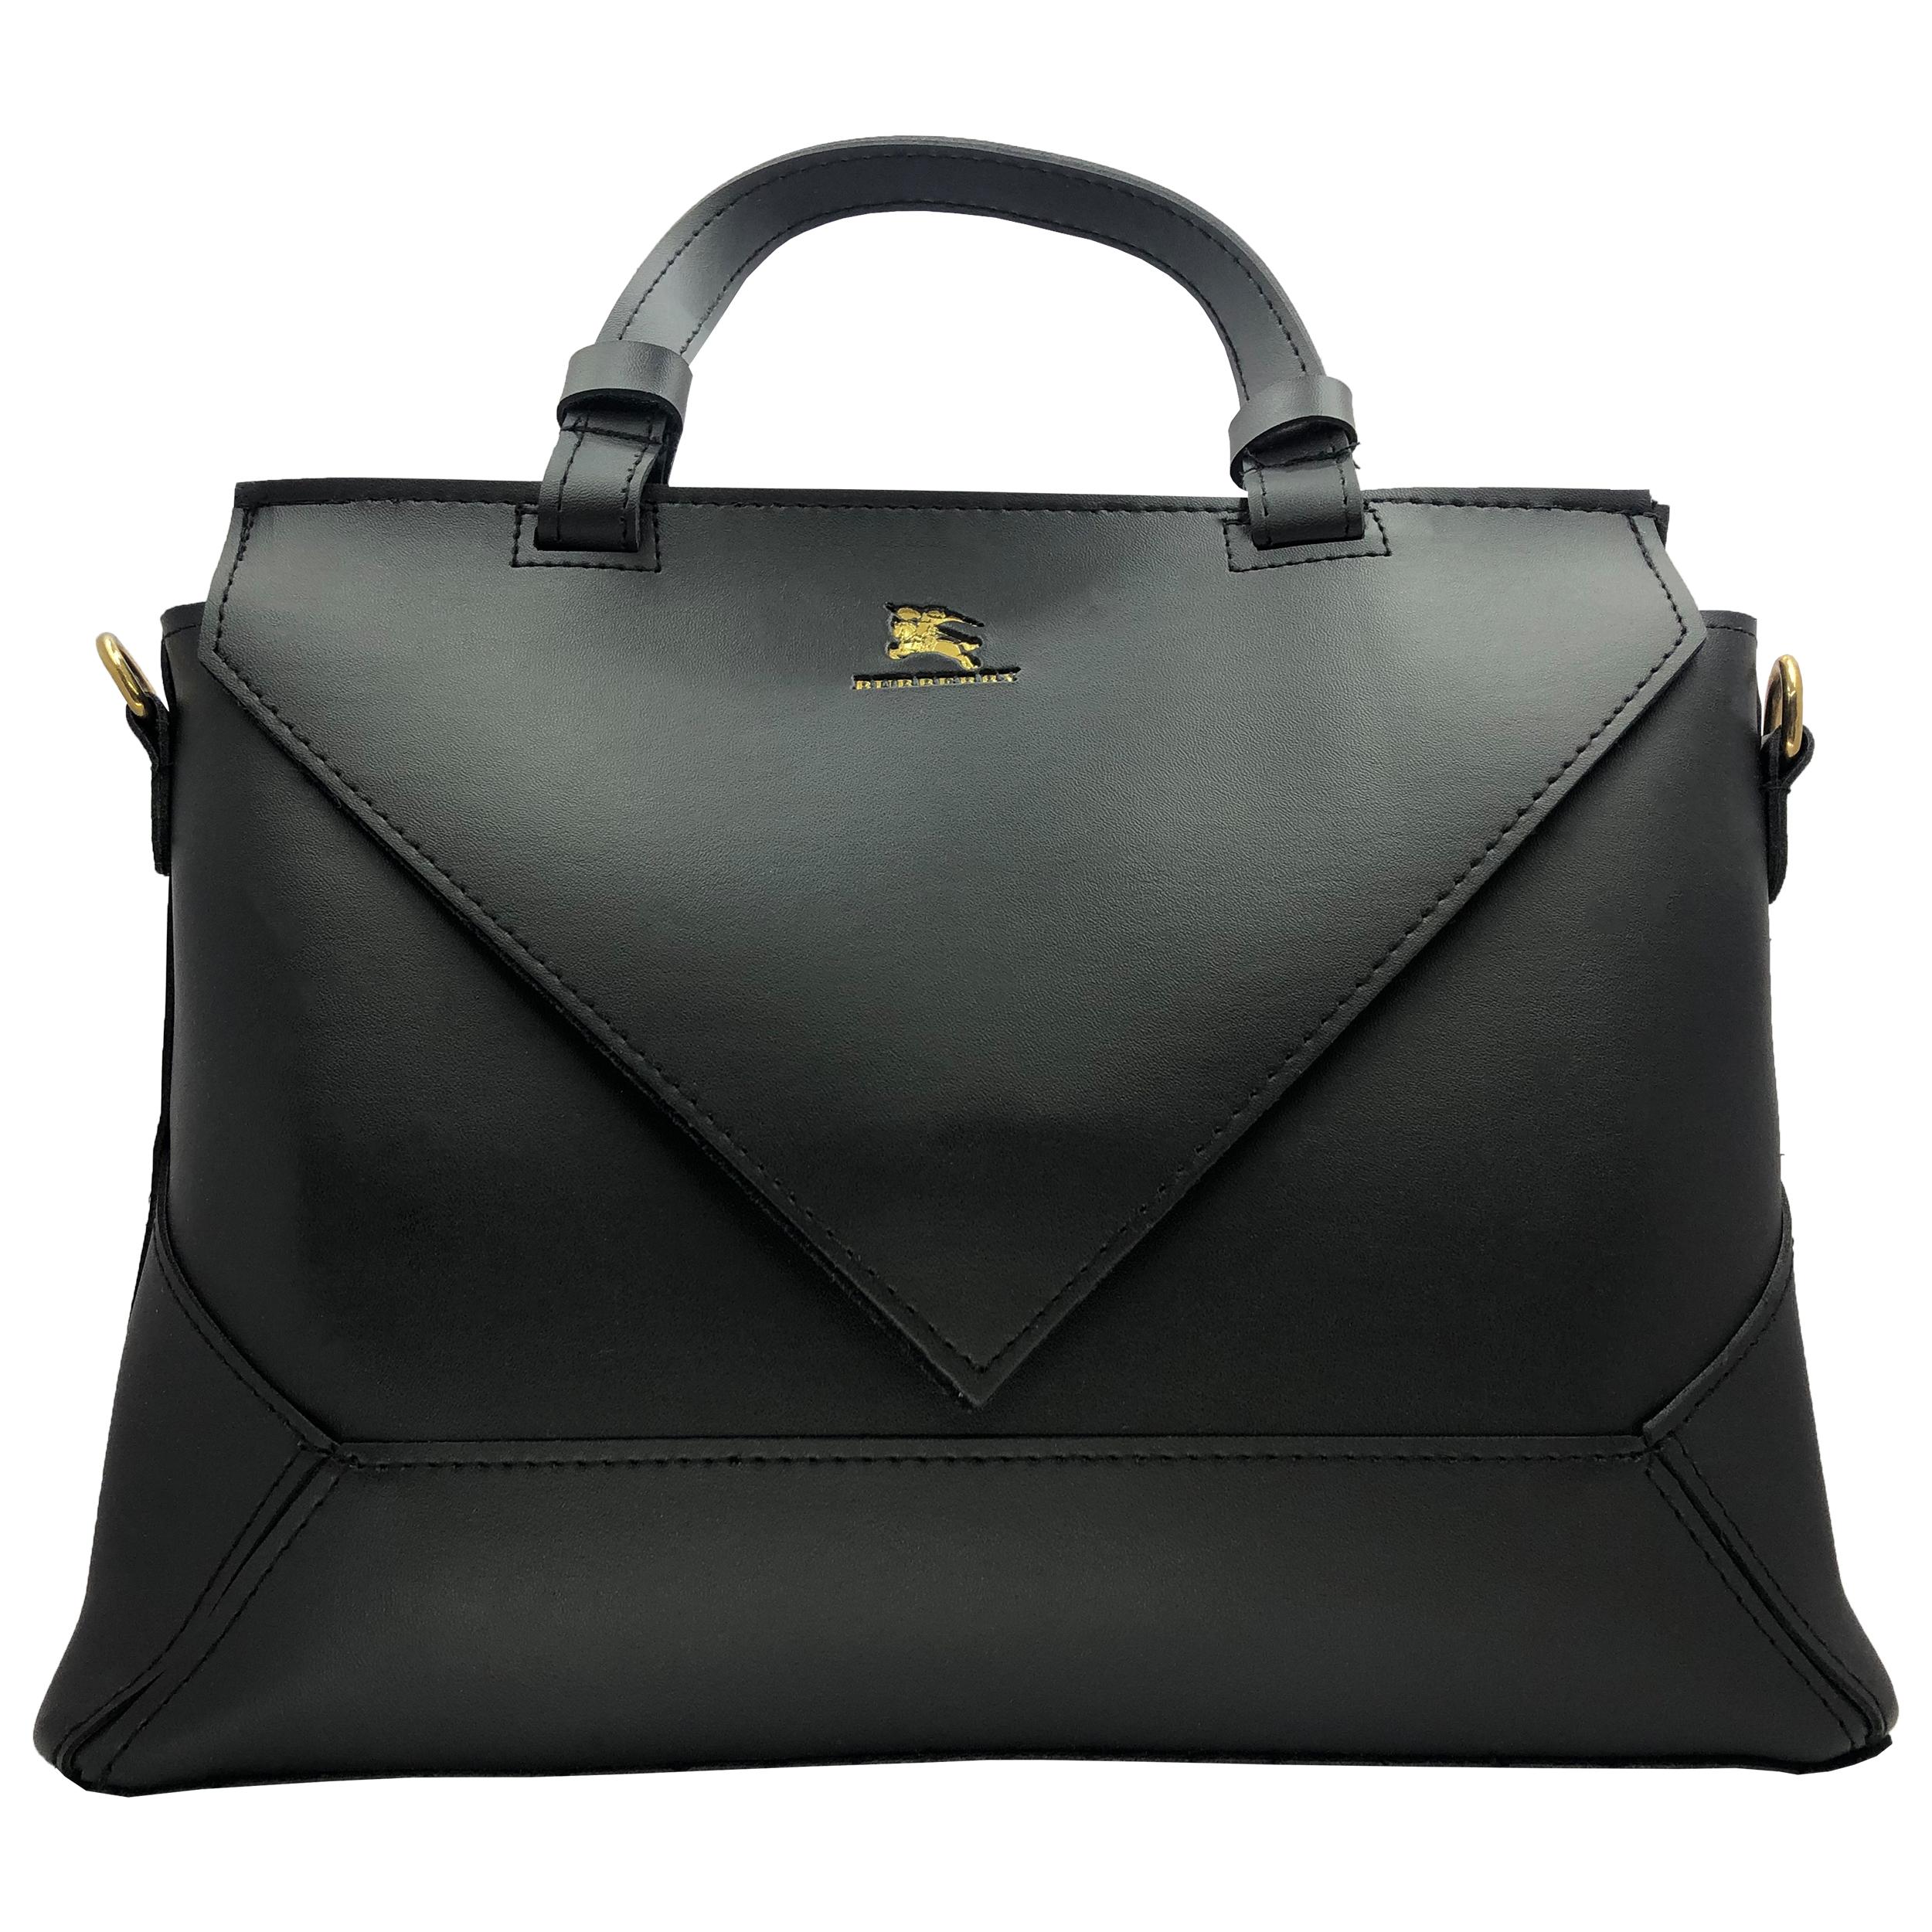 کیف دستی زنانه مدل crest 001